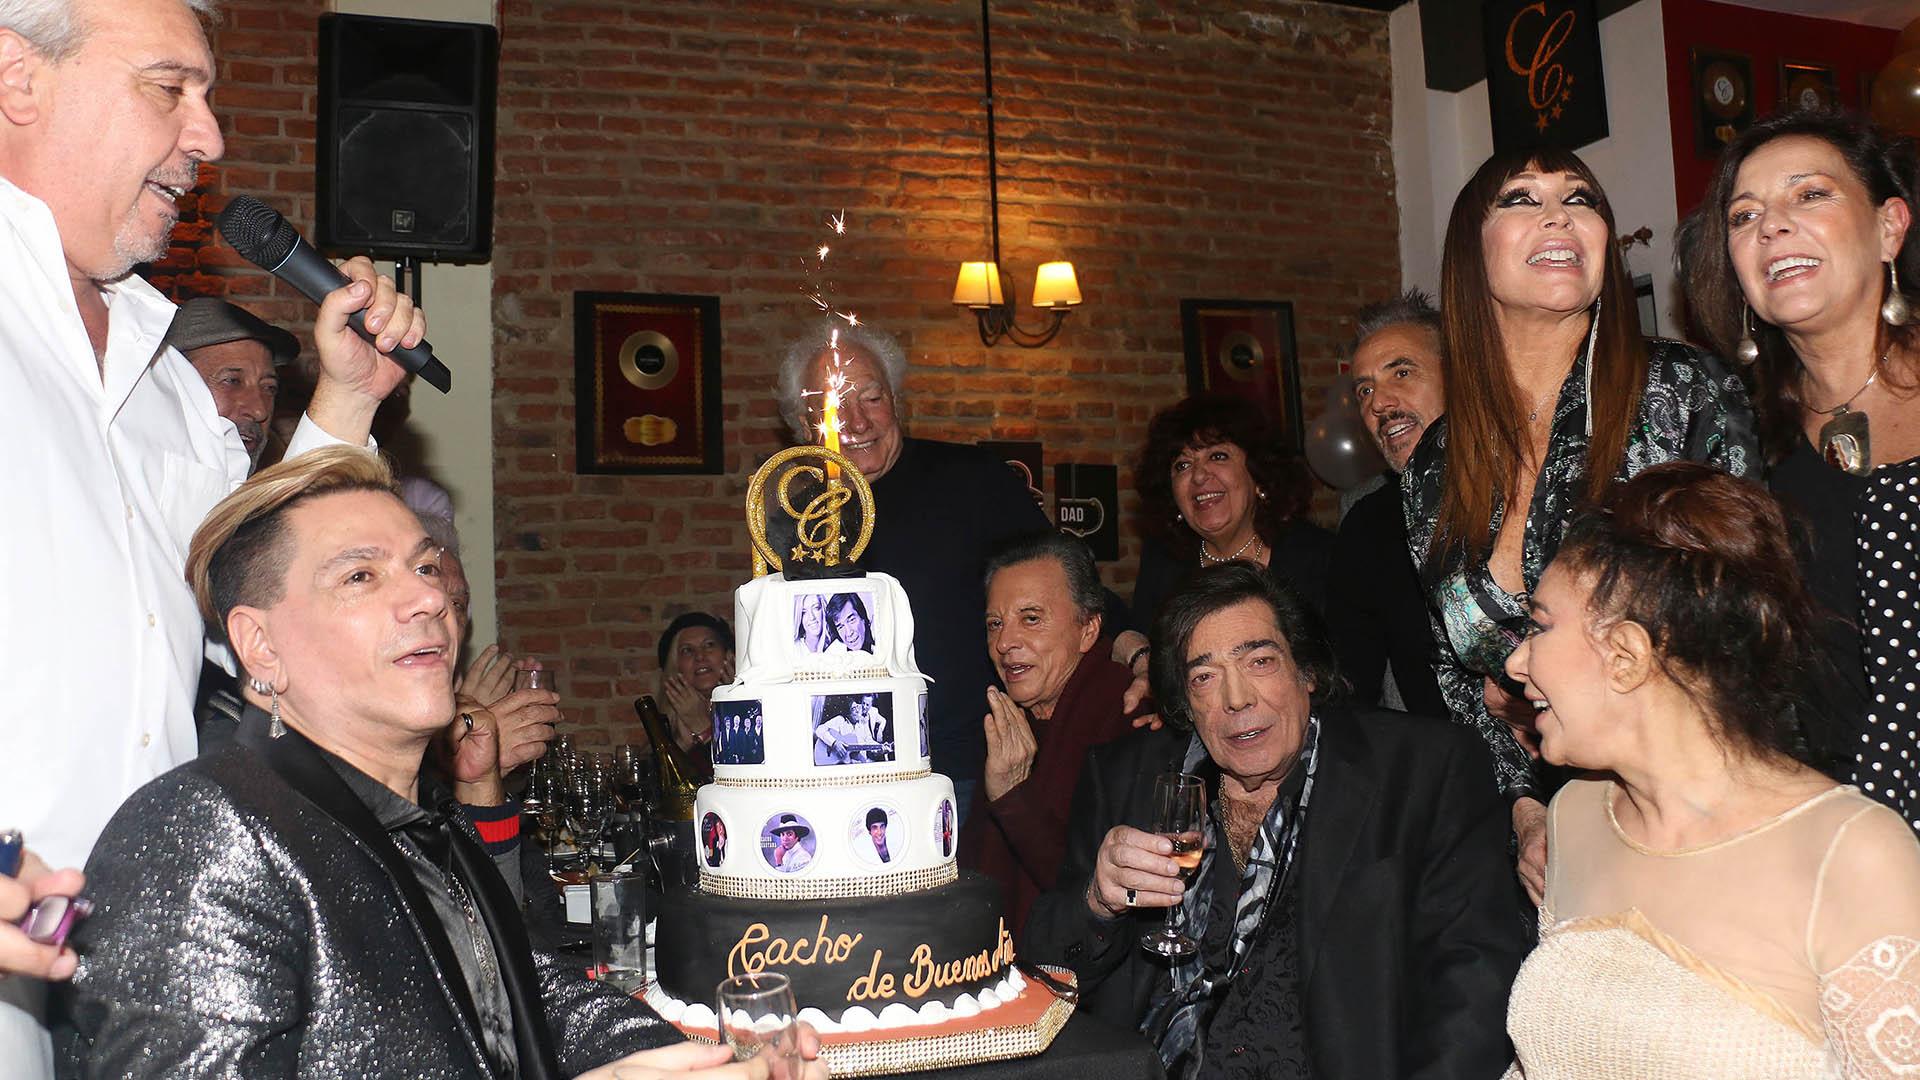 El cantante celebró su cumpleaños 76 años en el Café la Humedad rodeado de sus amigos y colegas (Verónica Guerman / Teleshow)